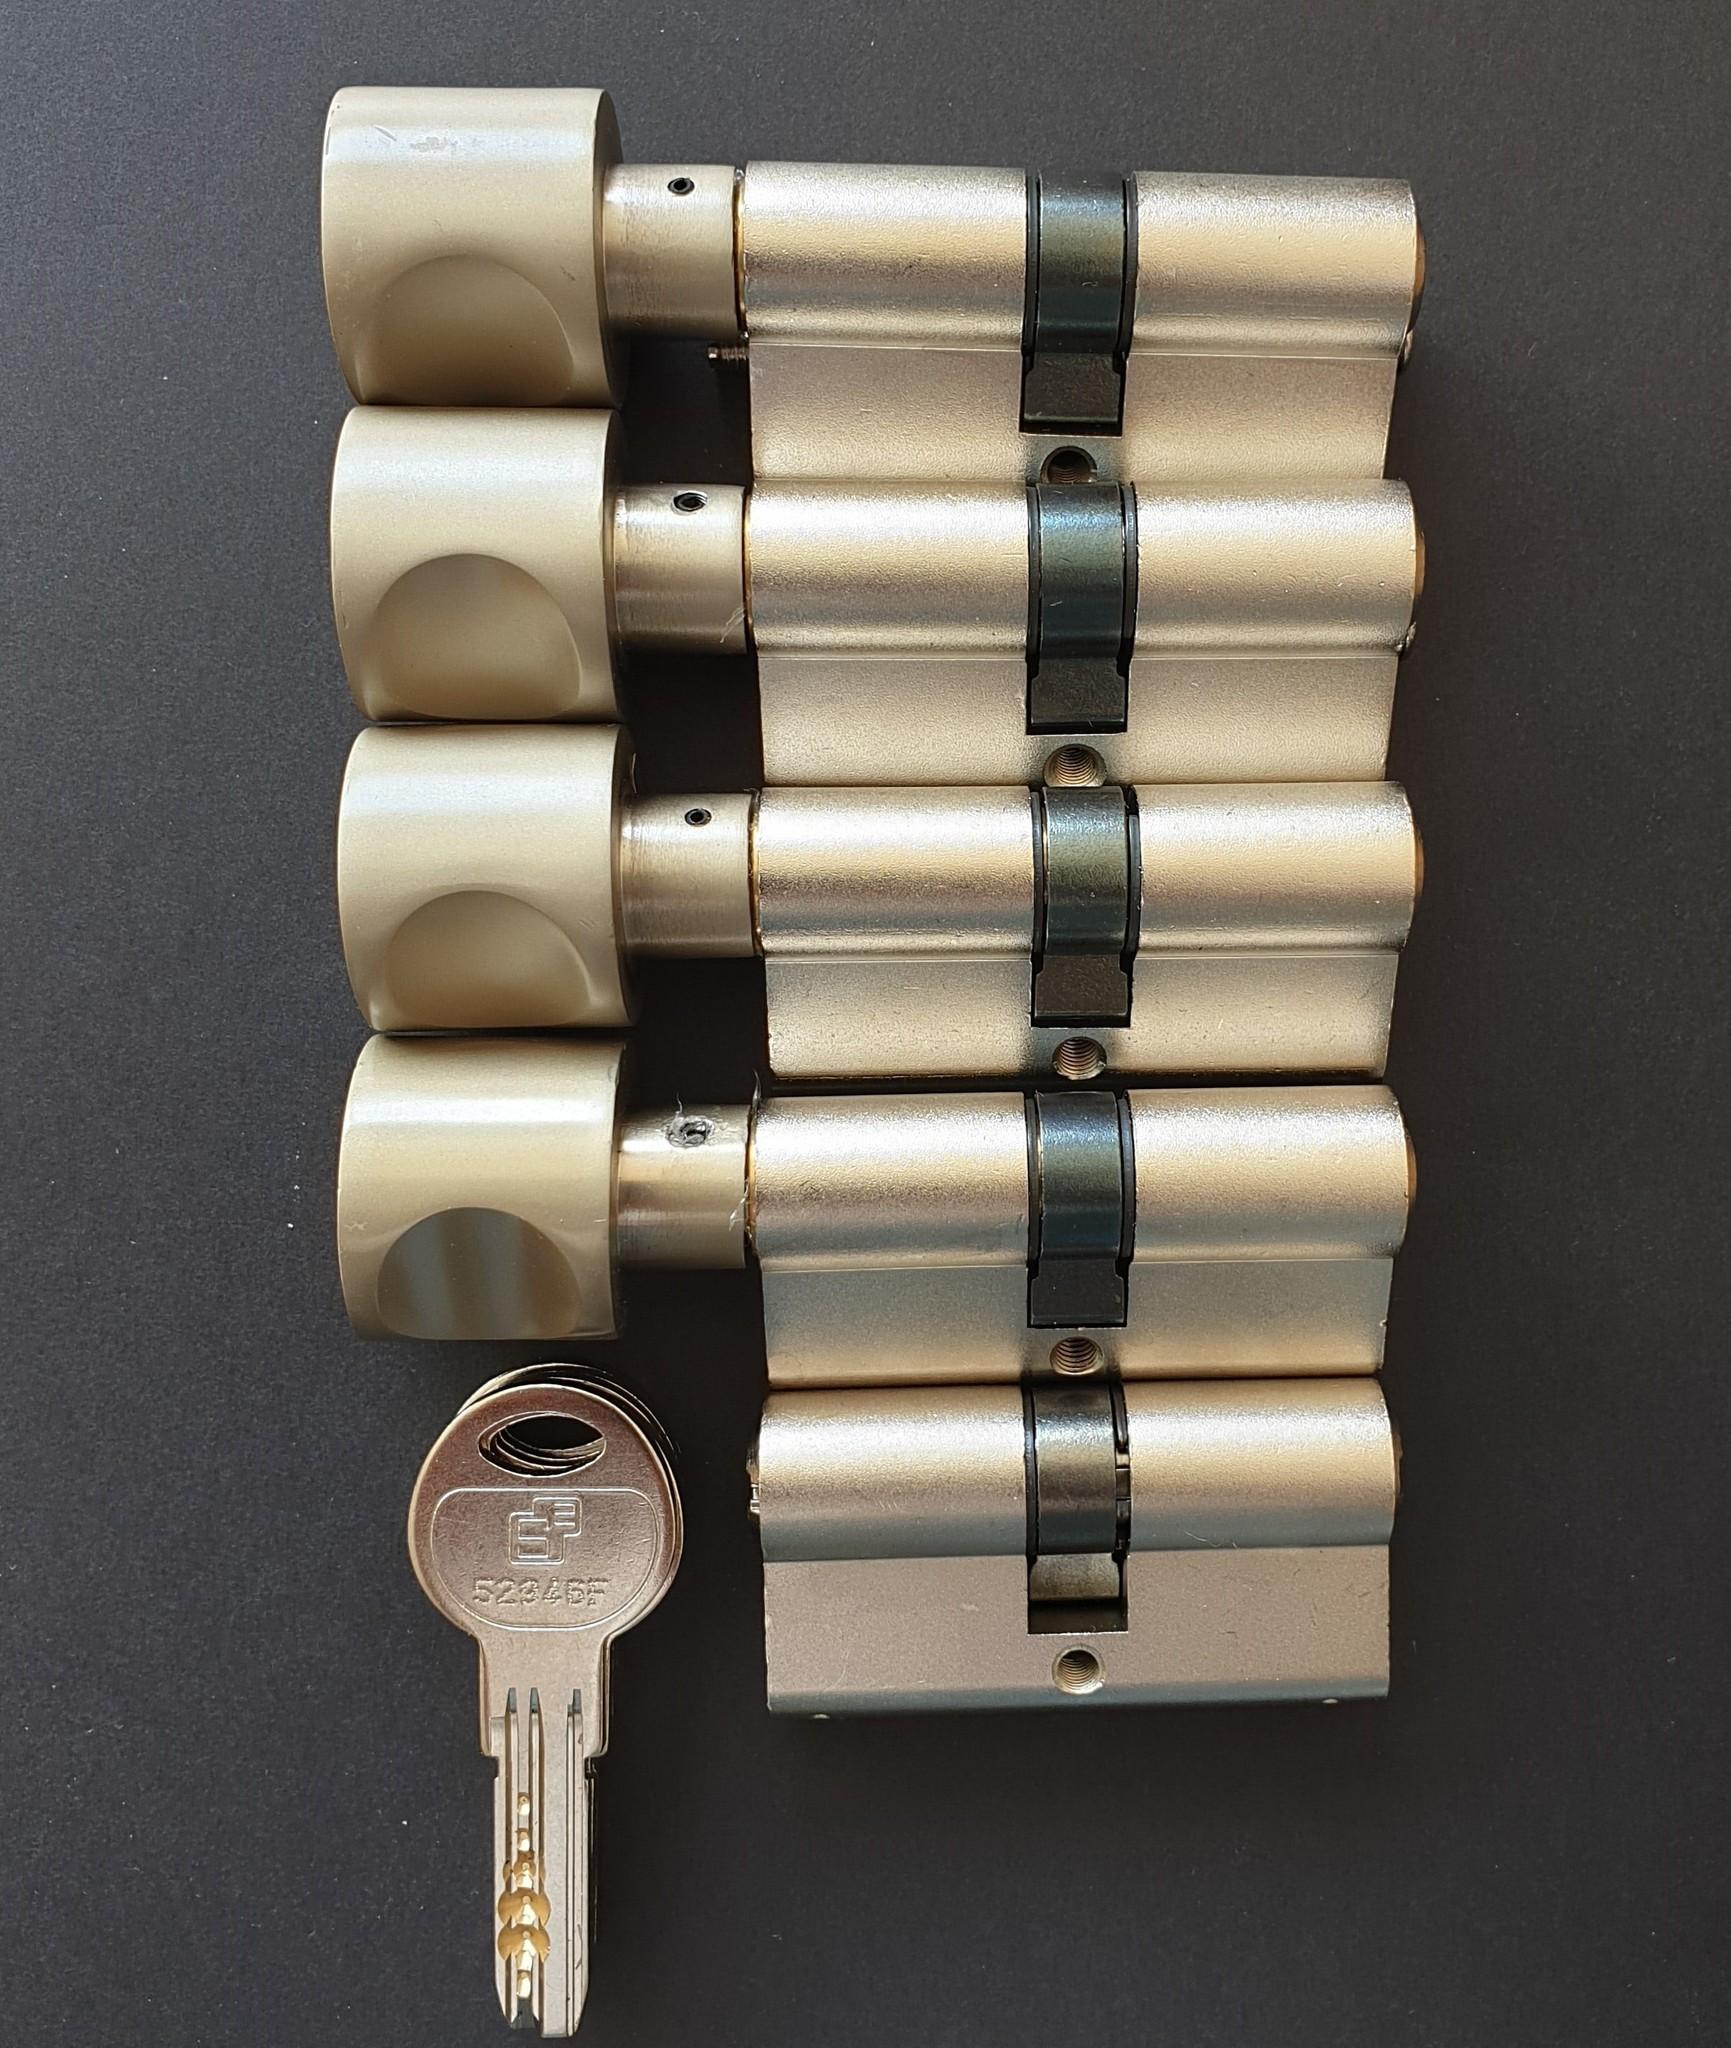 S2skg**F6 4 gelijk sluitende knopcilinders + 1 normale cilinder 10 keersleutels